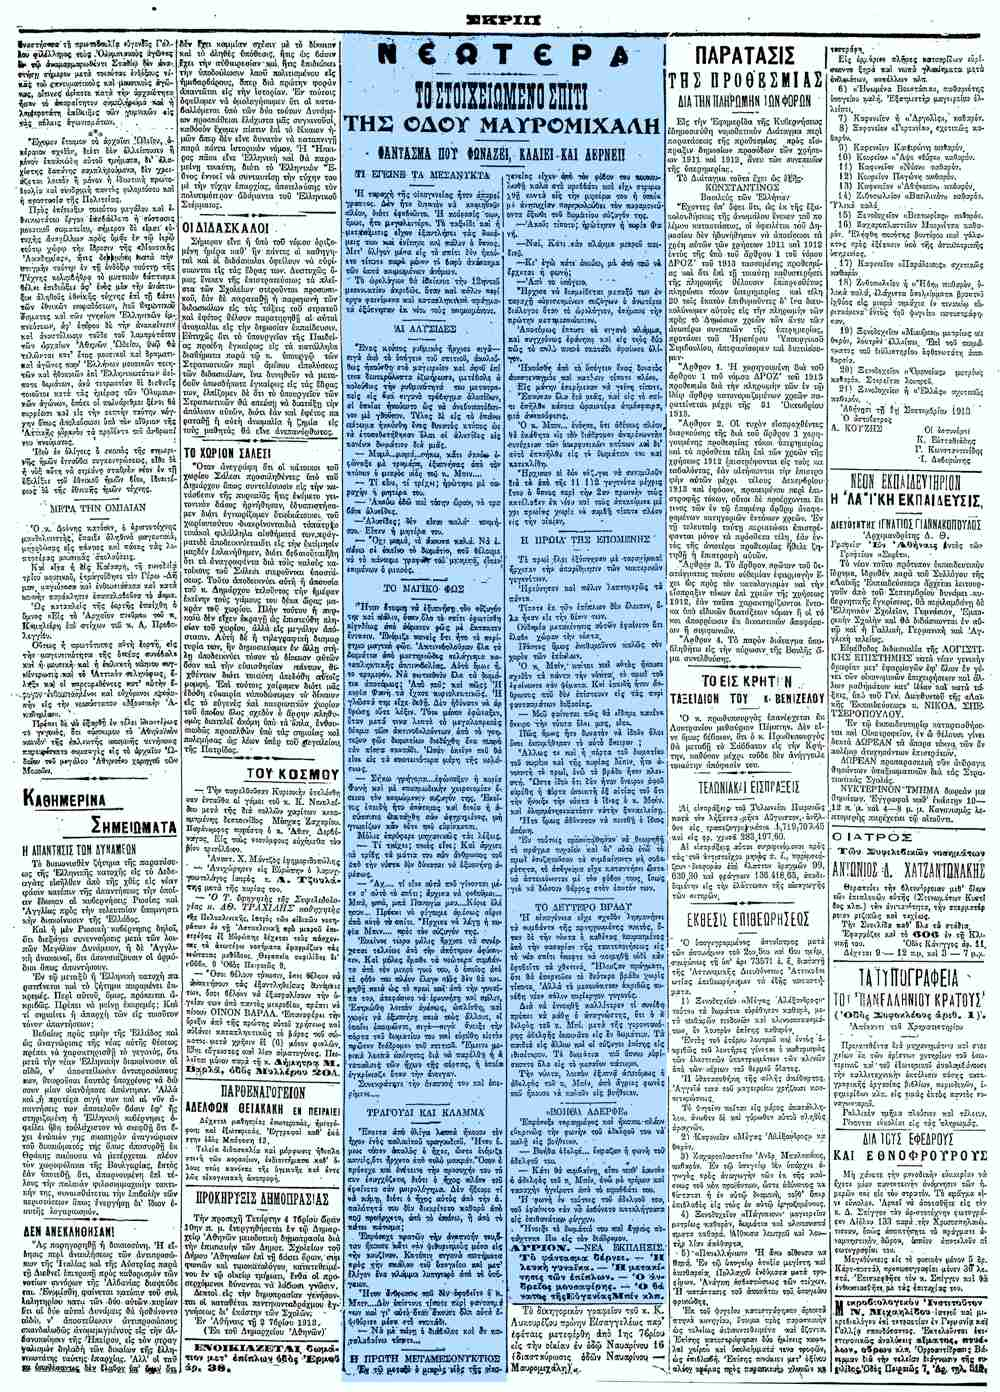 """Το άρθρο, όπως δημοσιεύθηκε στην εφημερίδα """"ΣΚΡΙΠ"""", στις 03/09/1913"""